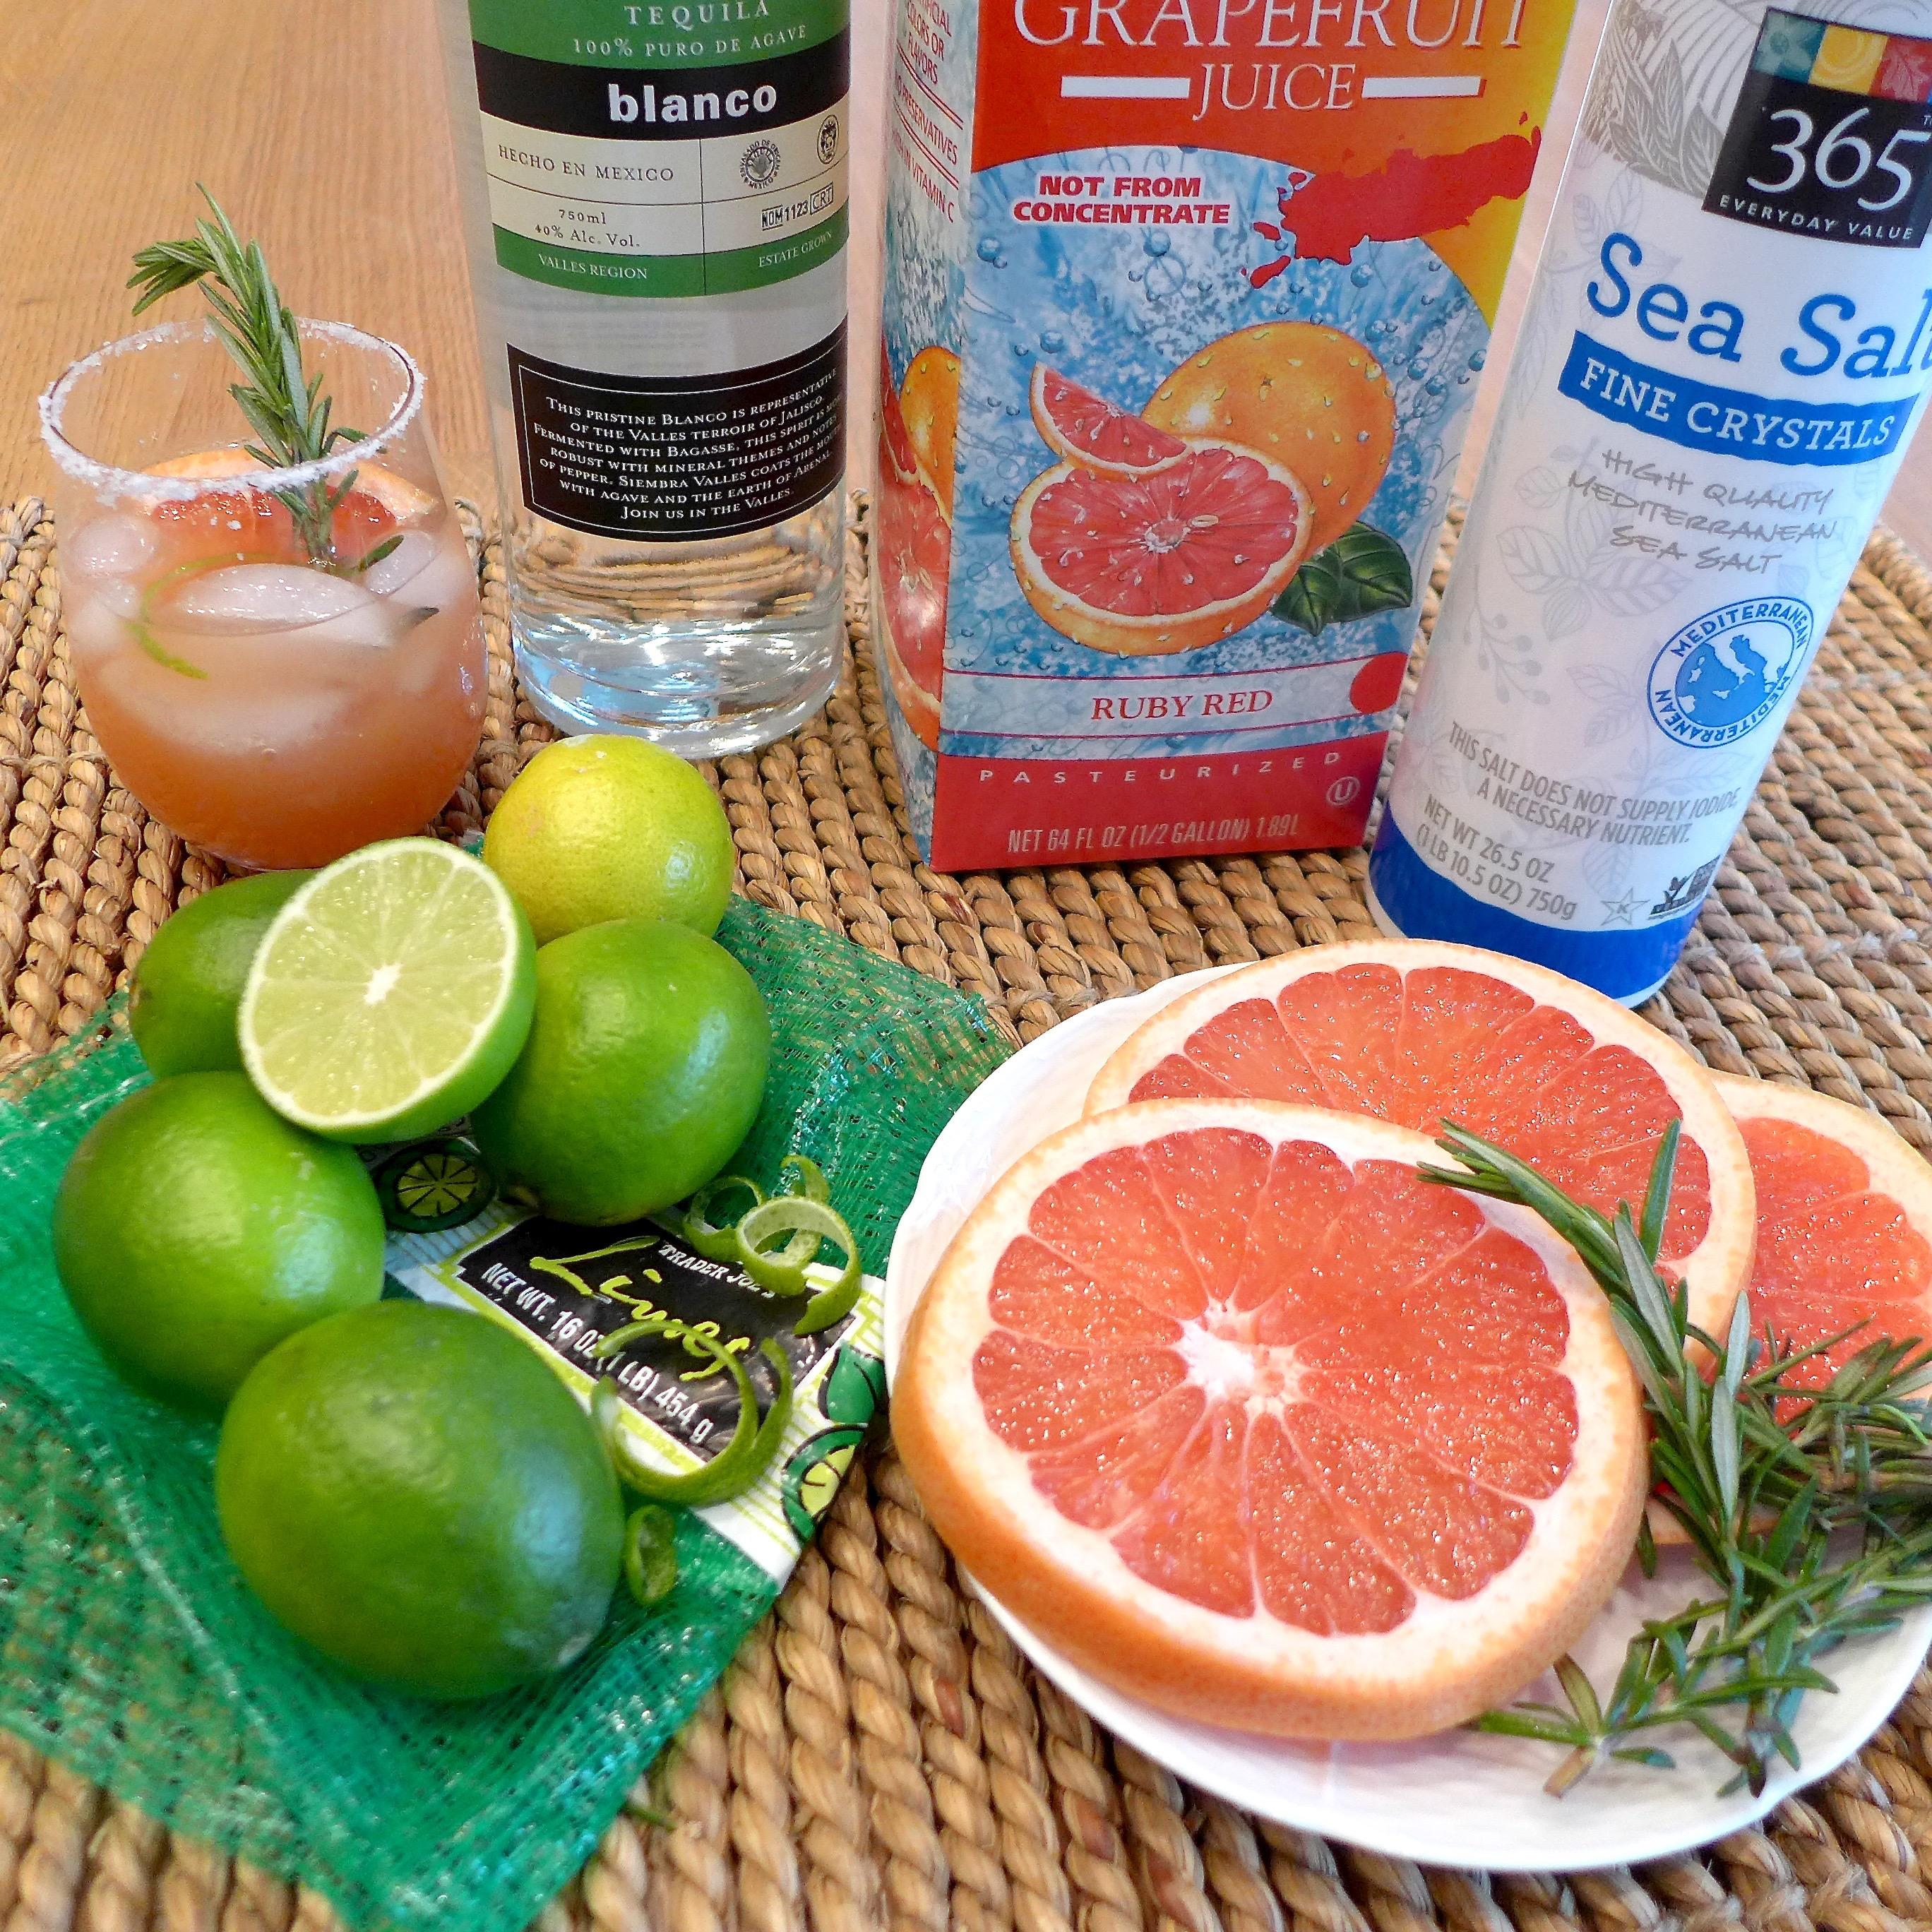 Simple Ruby Margaritas at diginwithdana.com